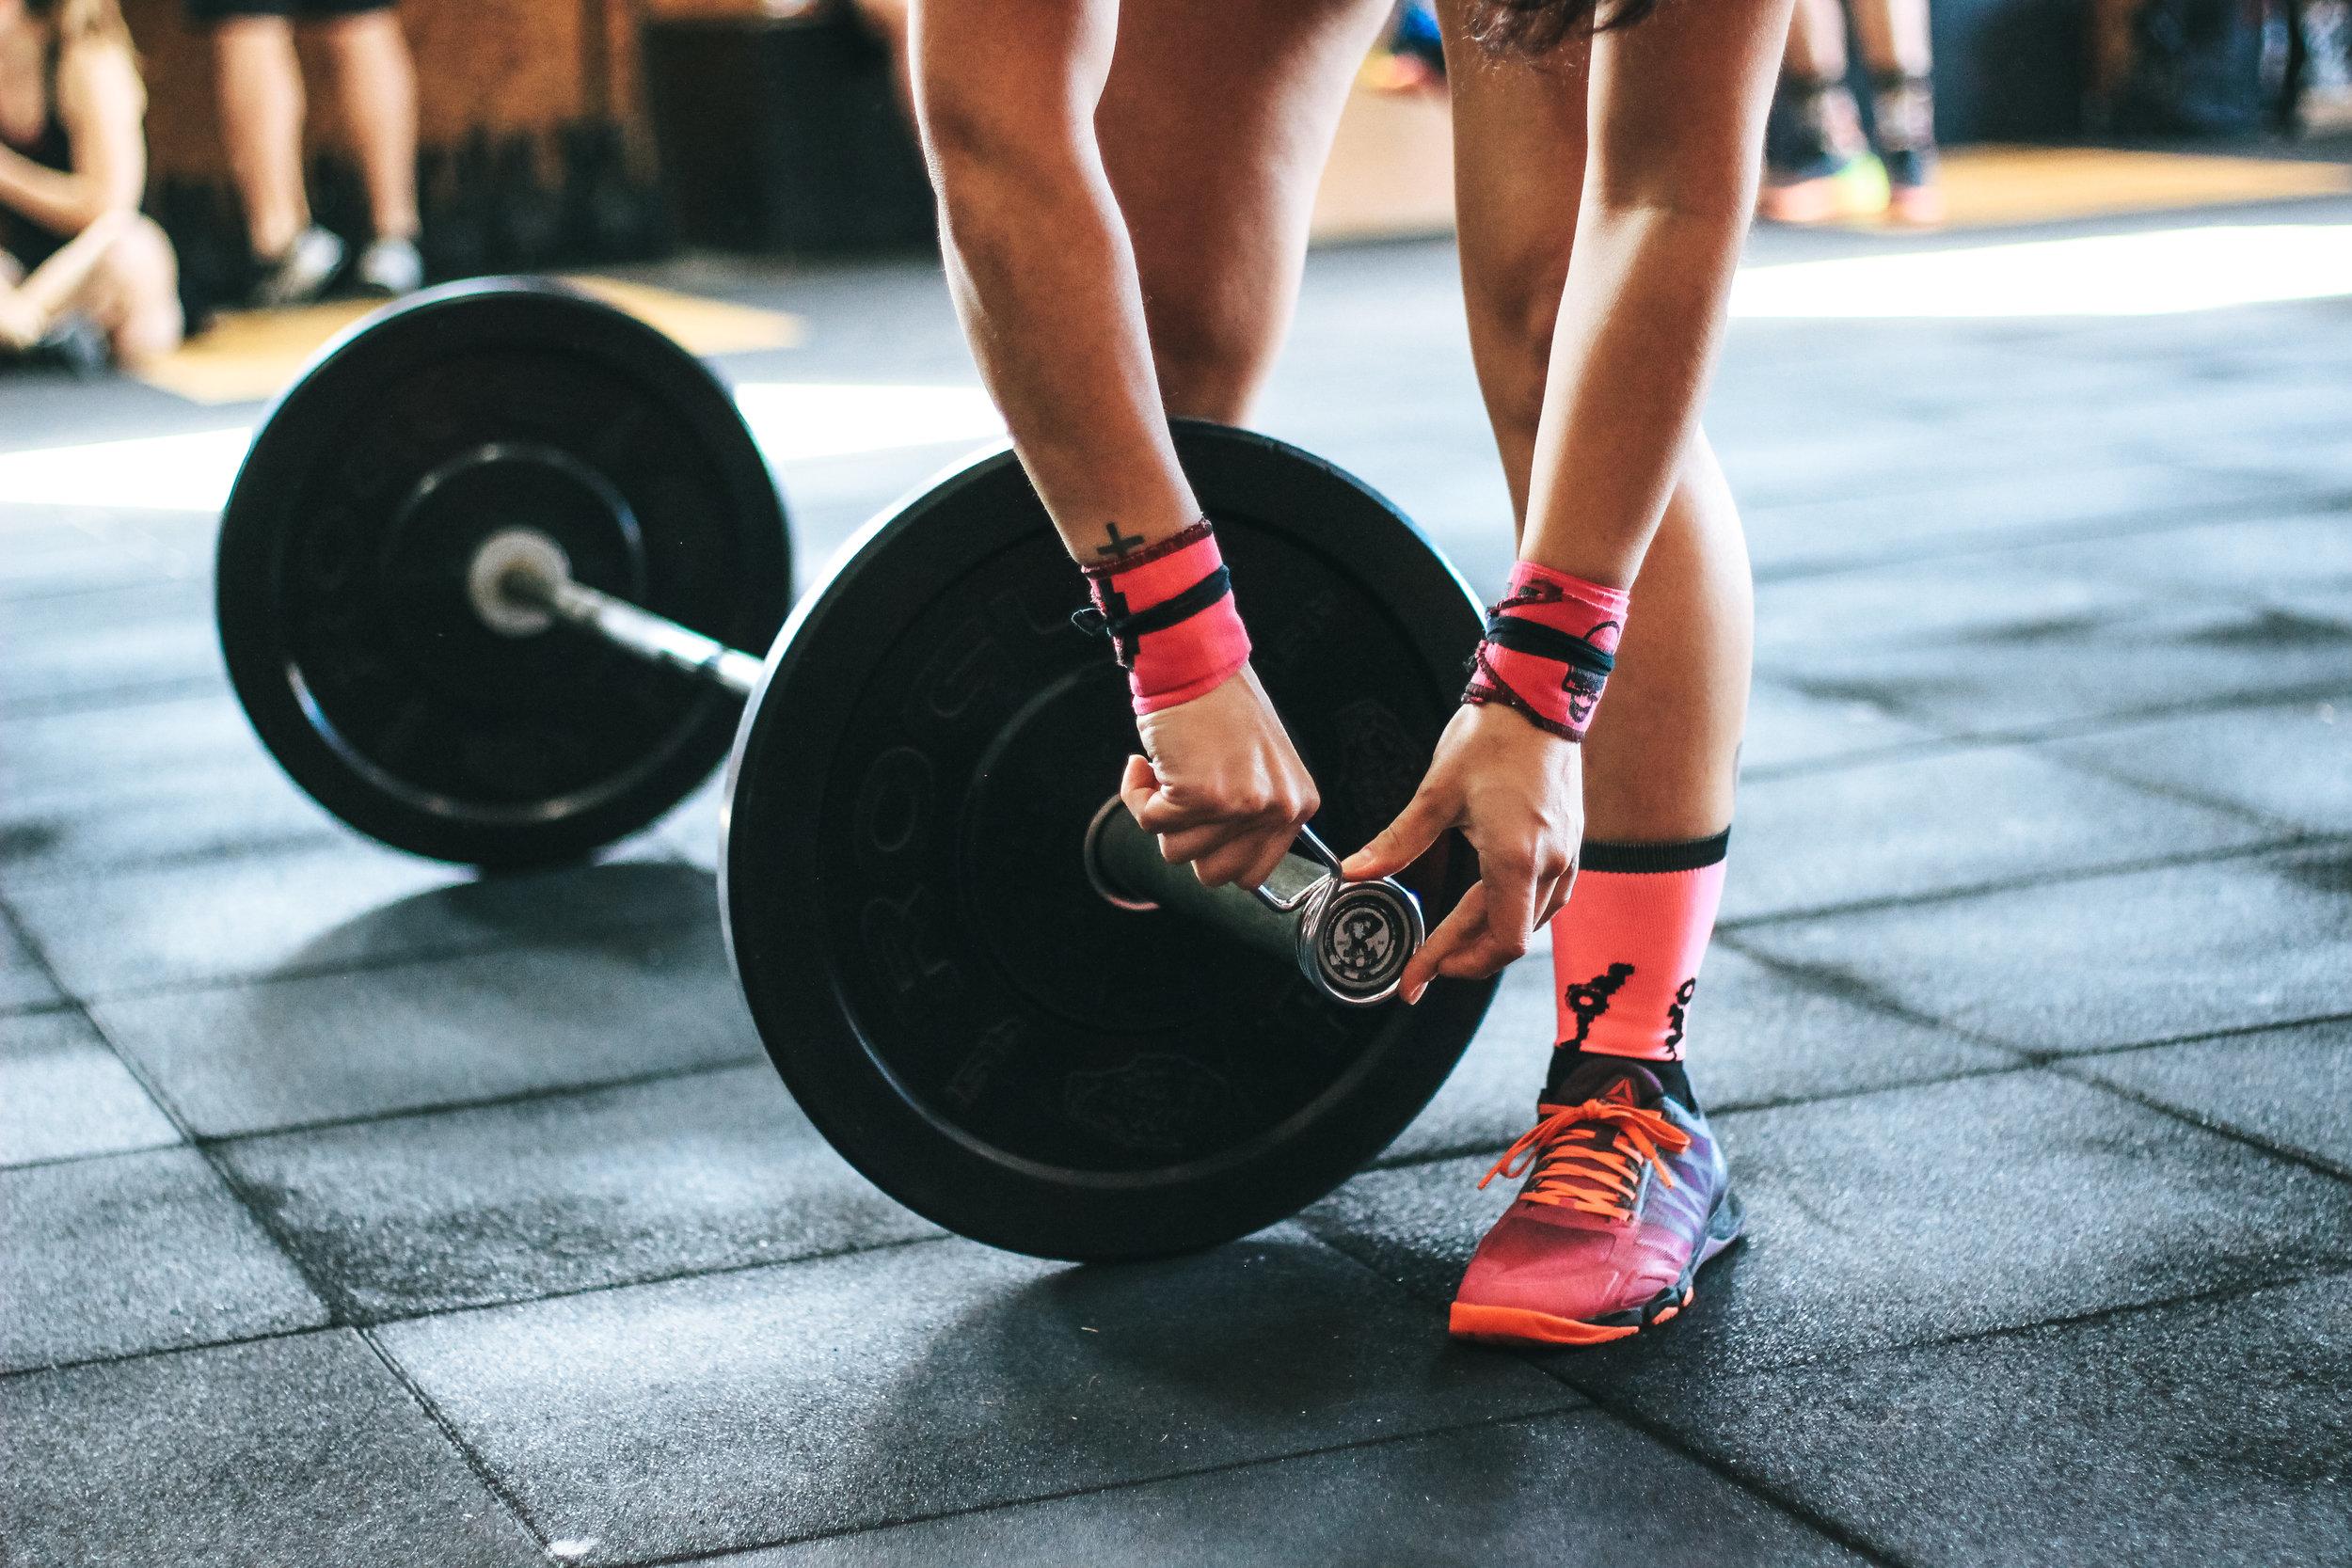 パーソナルトレーニング - 一人ひとりのニーズをしっかり把握し、機能性・パフォーマンスの向上を目指します。怪我なく日常動作やスポーツが楽しめる体作りをサポートします。